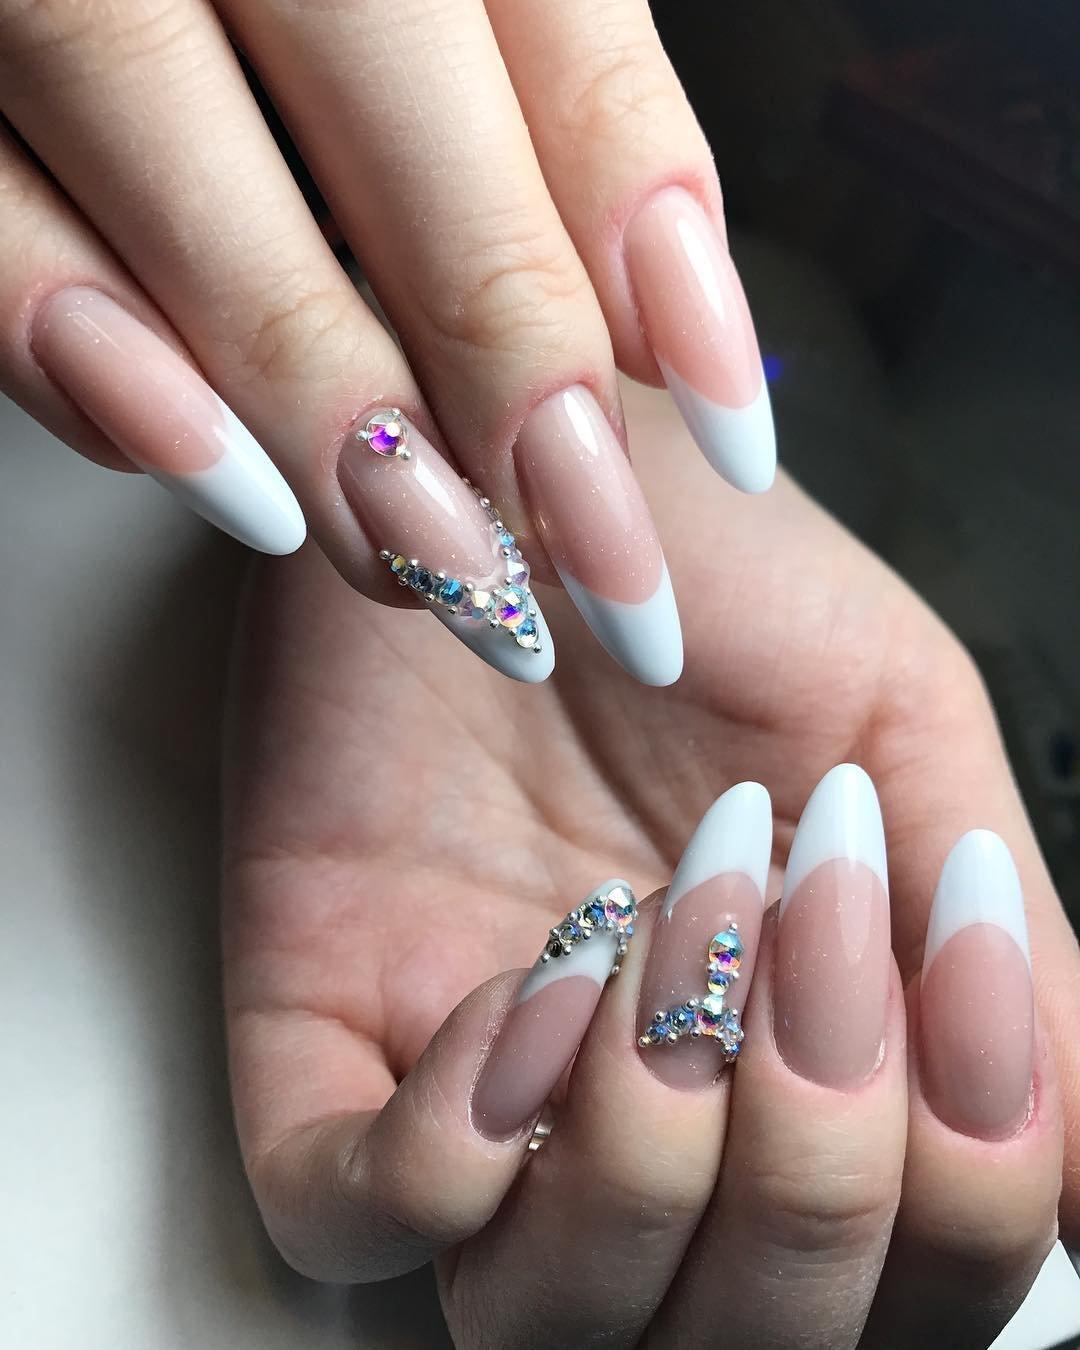 фотки ногтей нарощенных красивый дизайн процессе монтажа